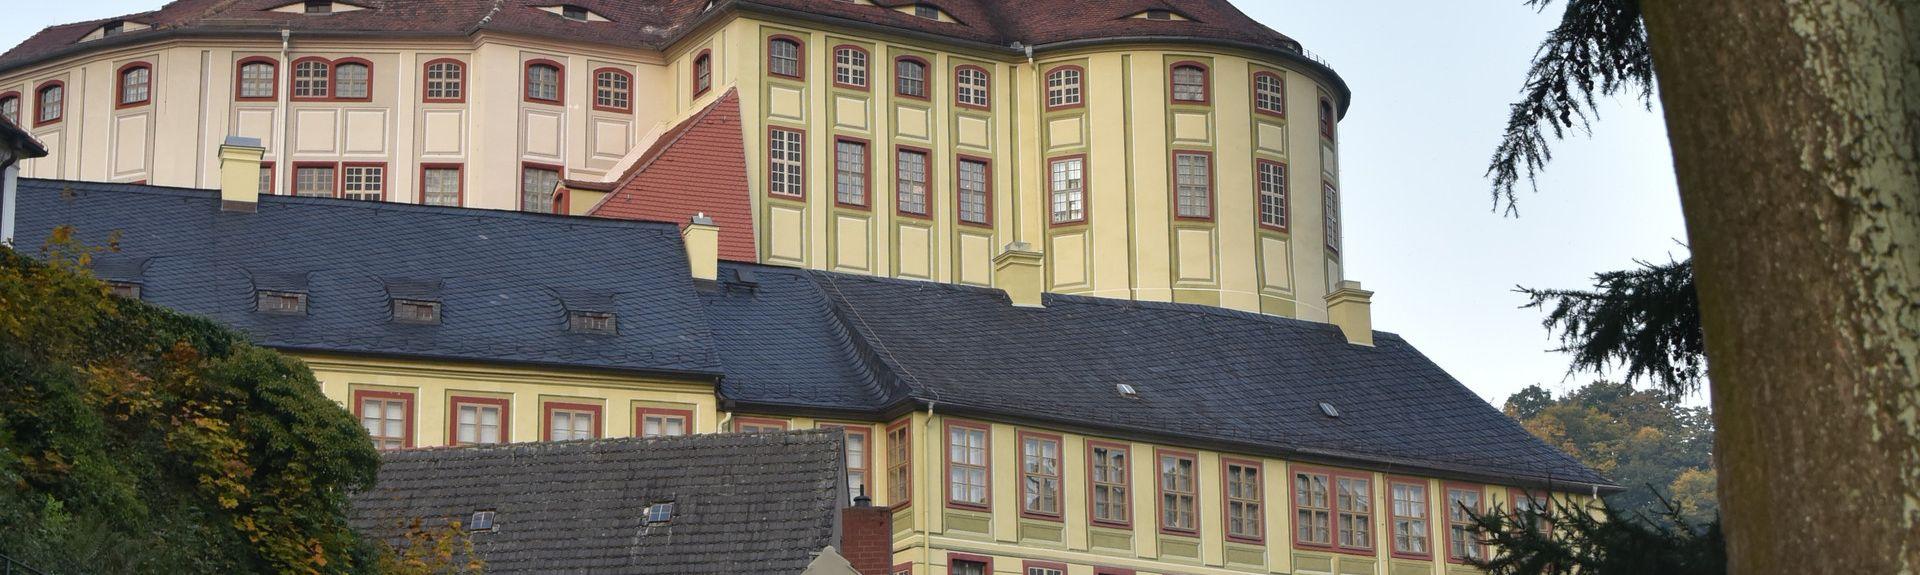 Freital, Saxony, Germany